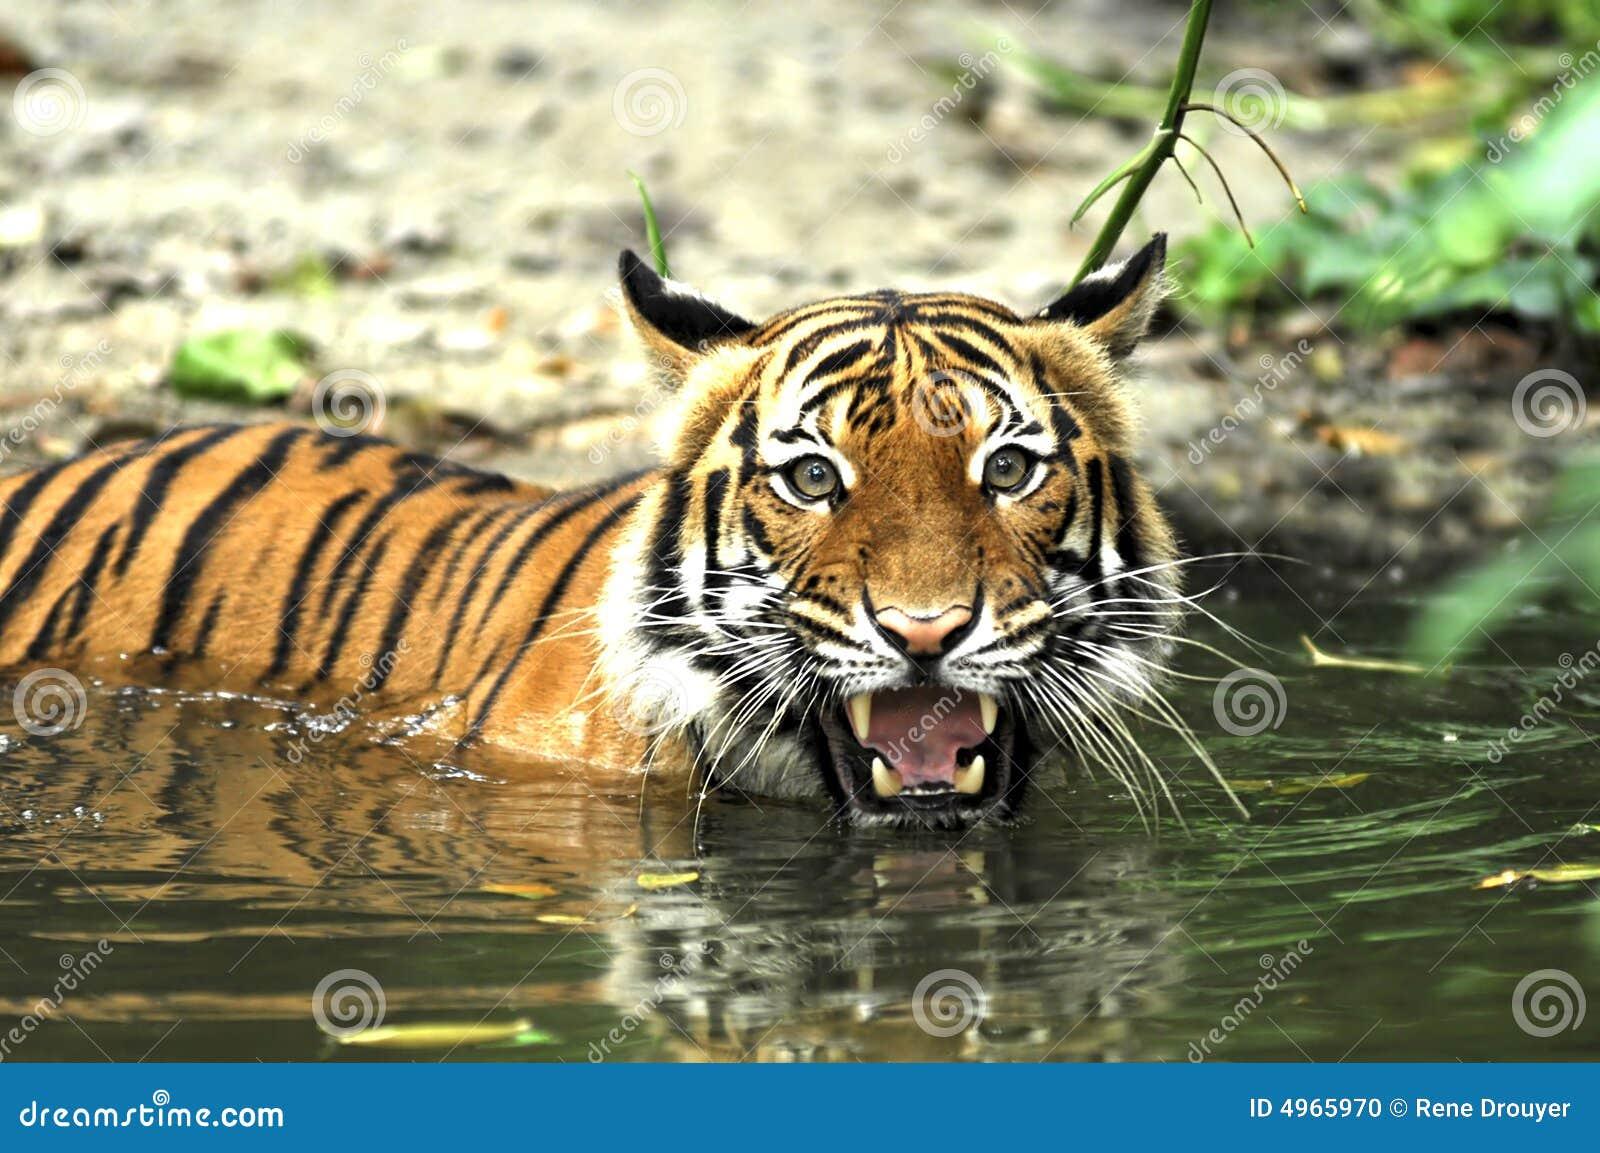 印度尼西亚苏门答腊老虎